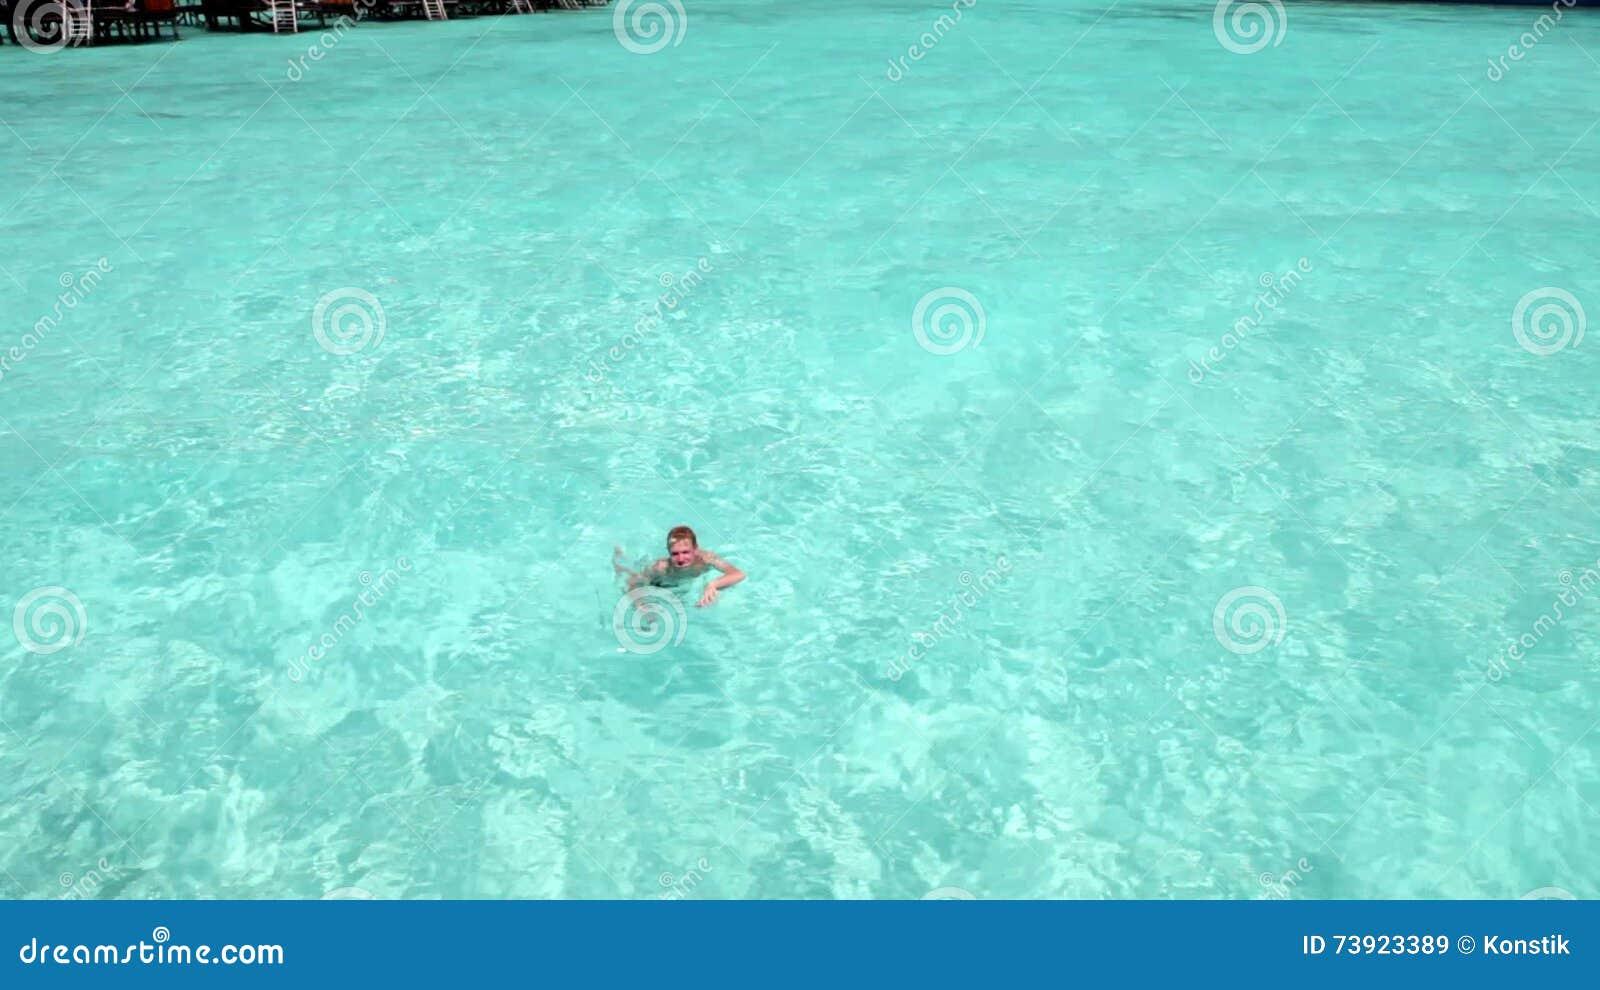 El Muchacho, El Adolescente, Nadando En El Agua Transparente